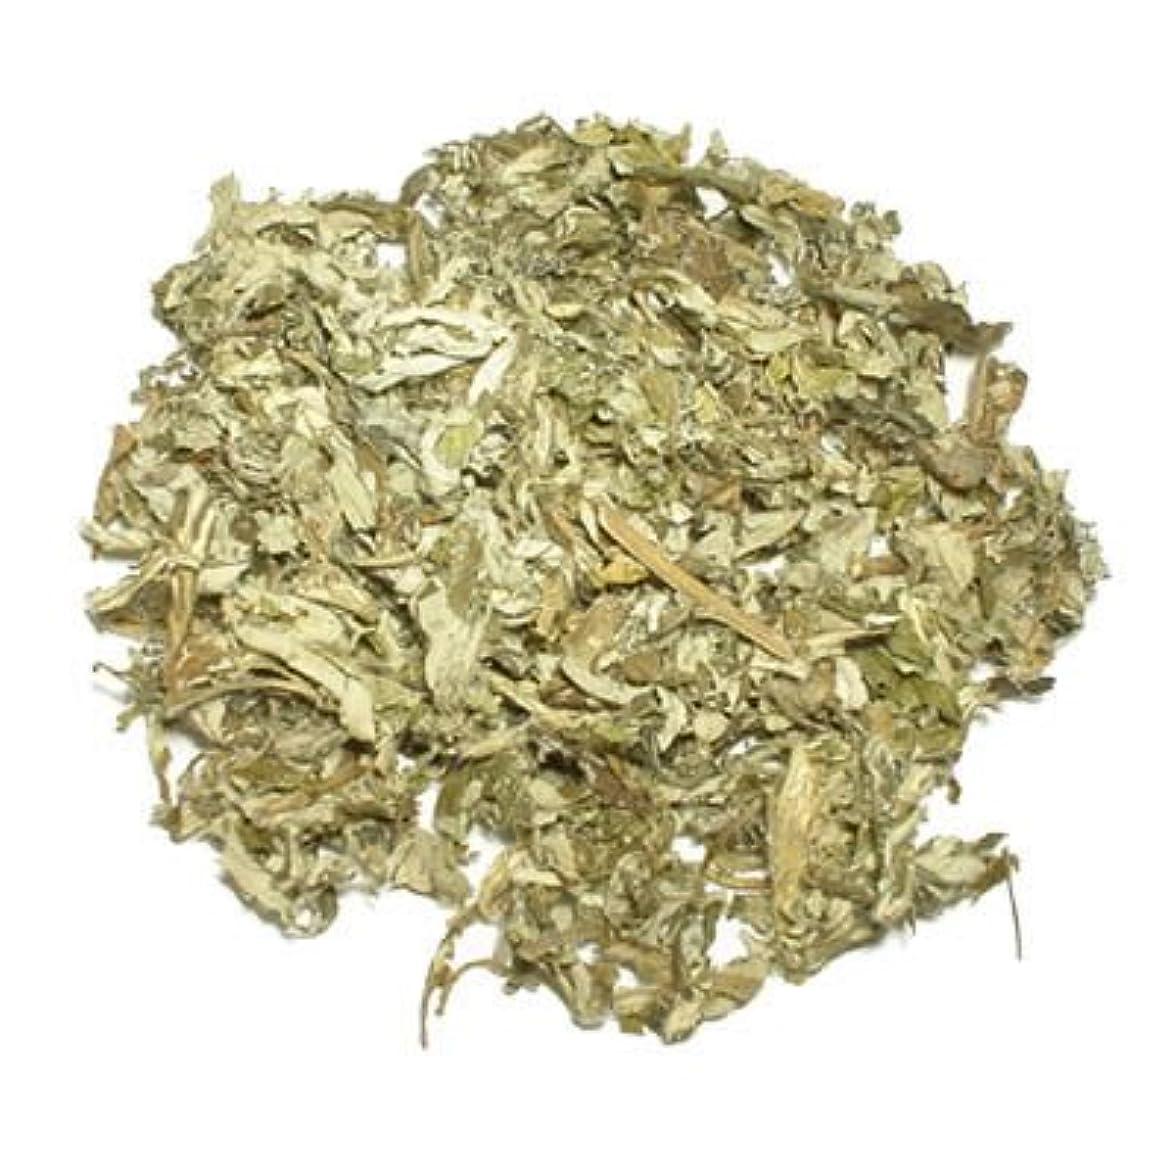 虐待振動させる湿度ヨモギ業務用 500g 蓬茶 本場韓国産ヨモギ 葉(地上部 主に葉)100% 乾燥よもぎ茶 よもぎ風呂 ヨモギ蒸し